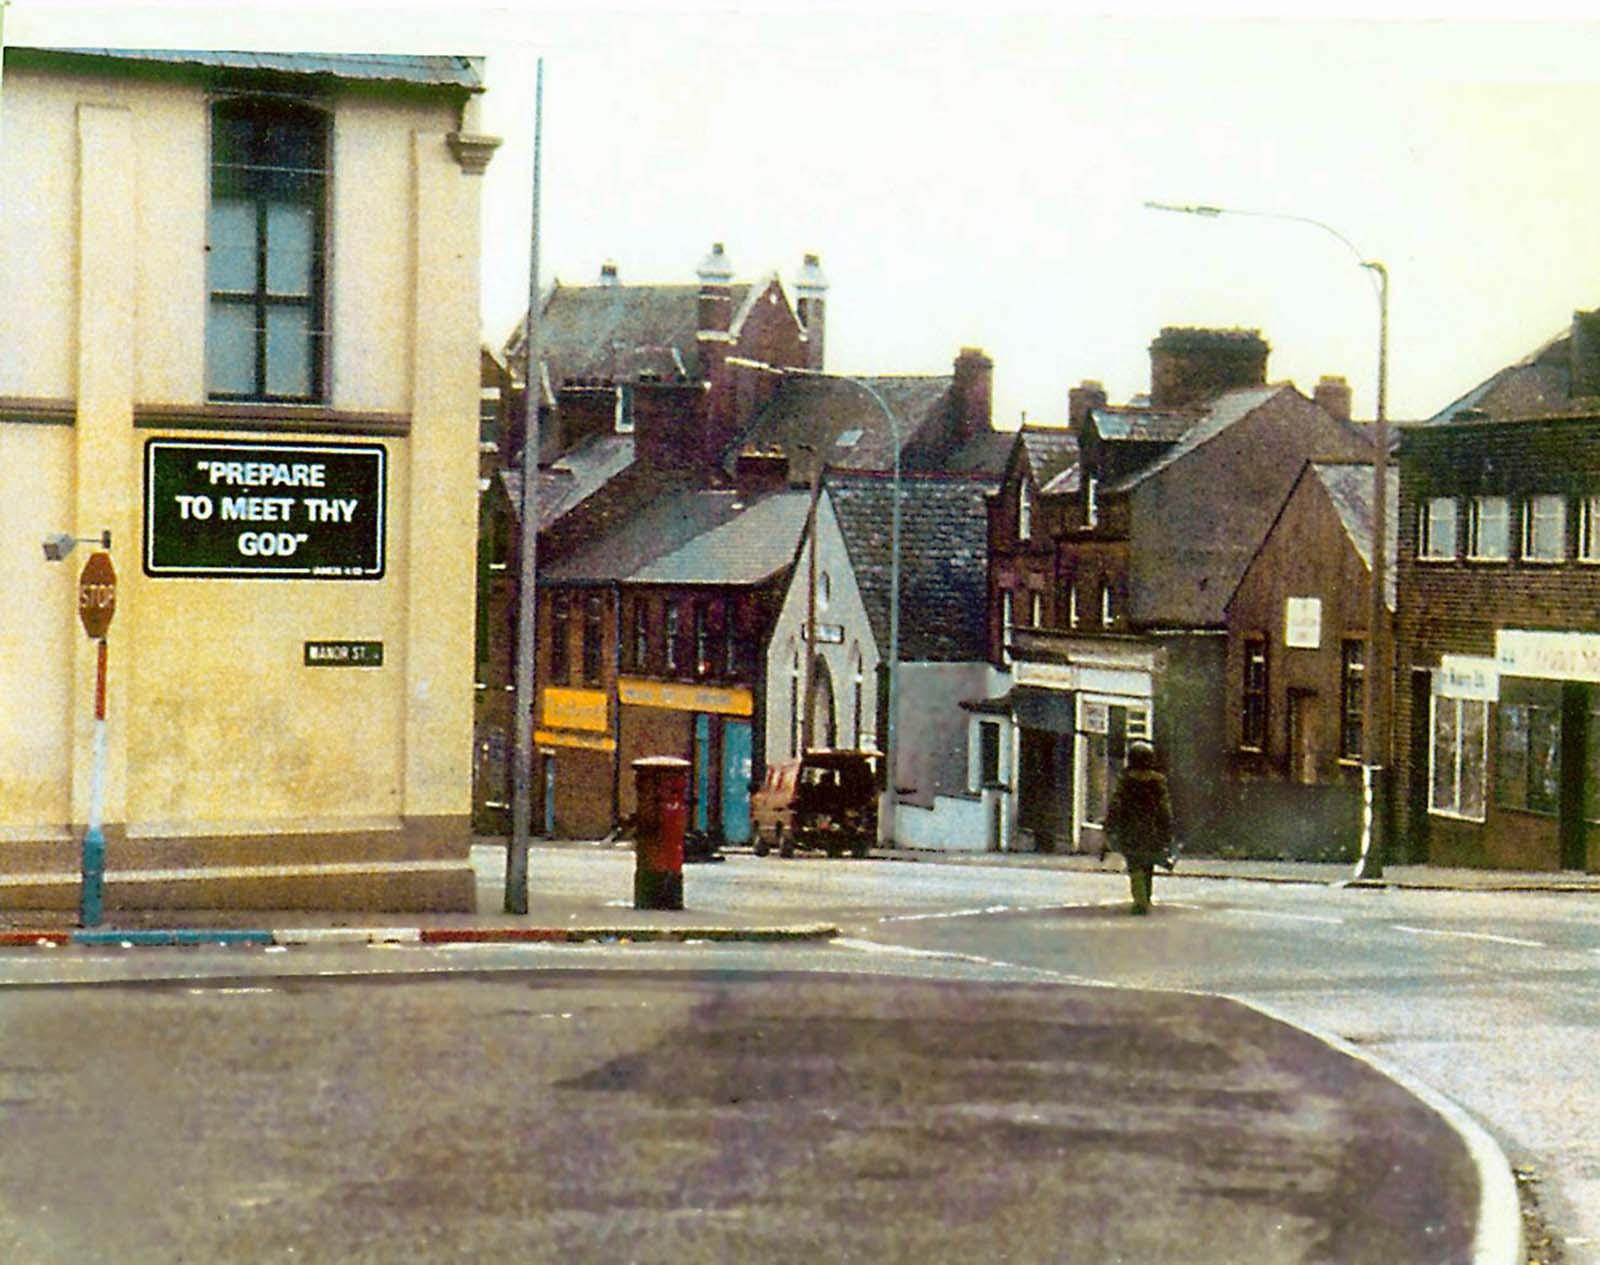 La larga caminata: un especialista en eliminación de bombas del ejército británico se acerca a un vehículo sospechoso en Belfast, en la década de 1970